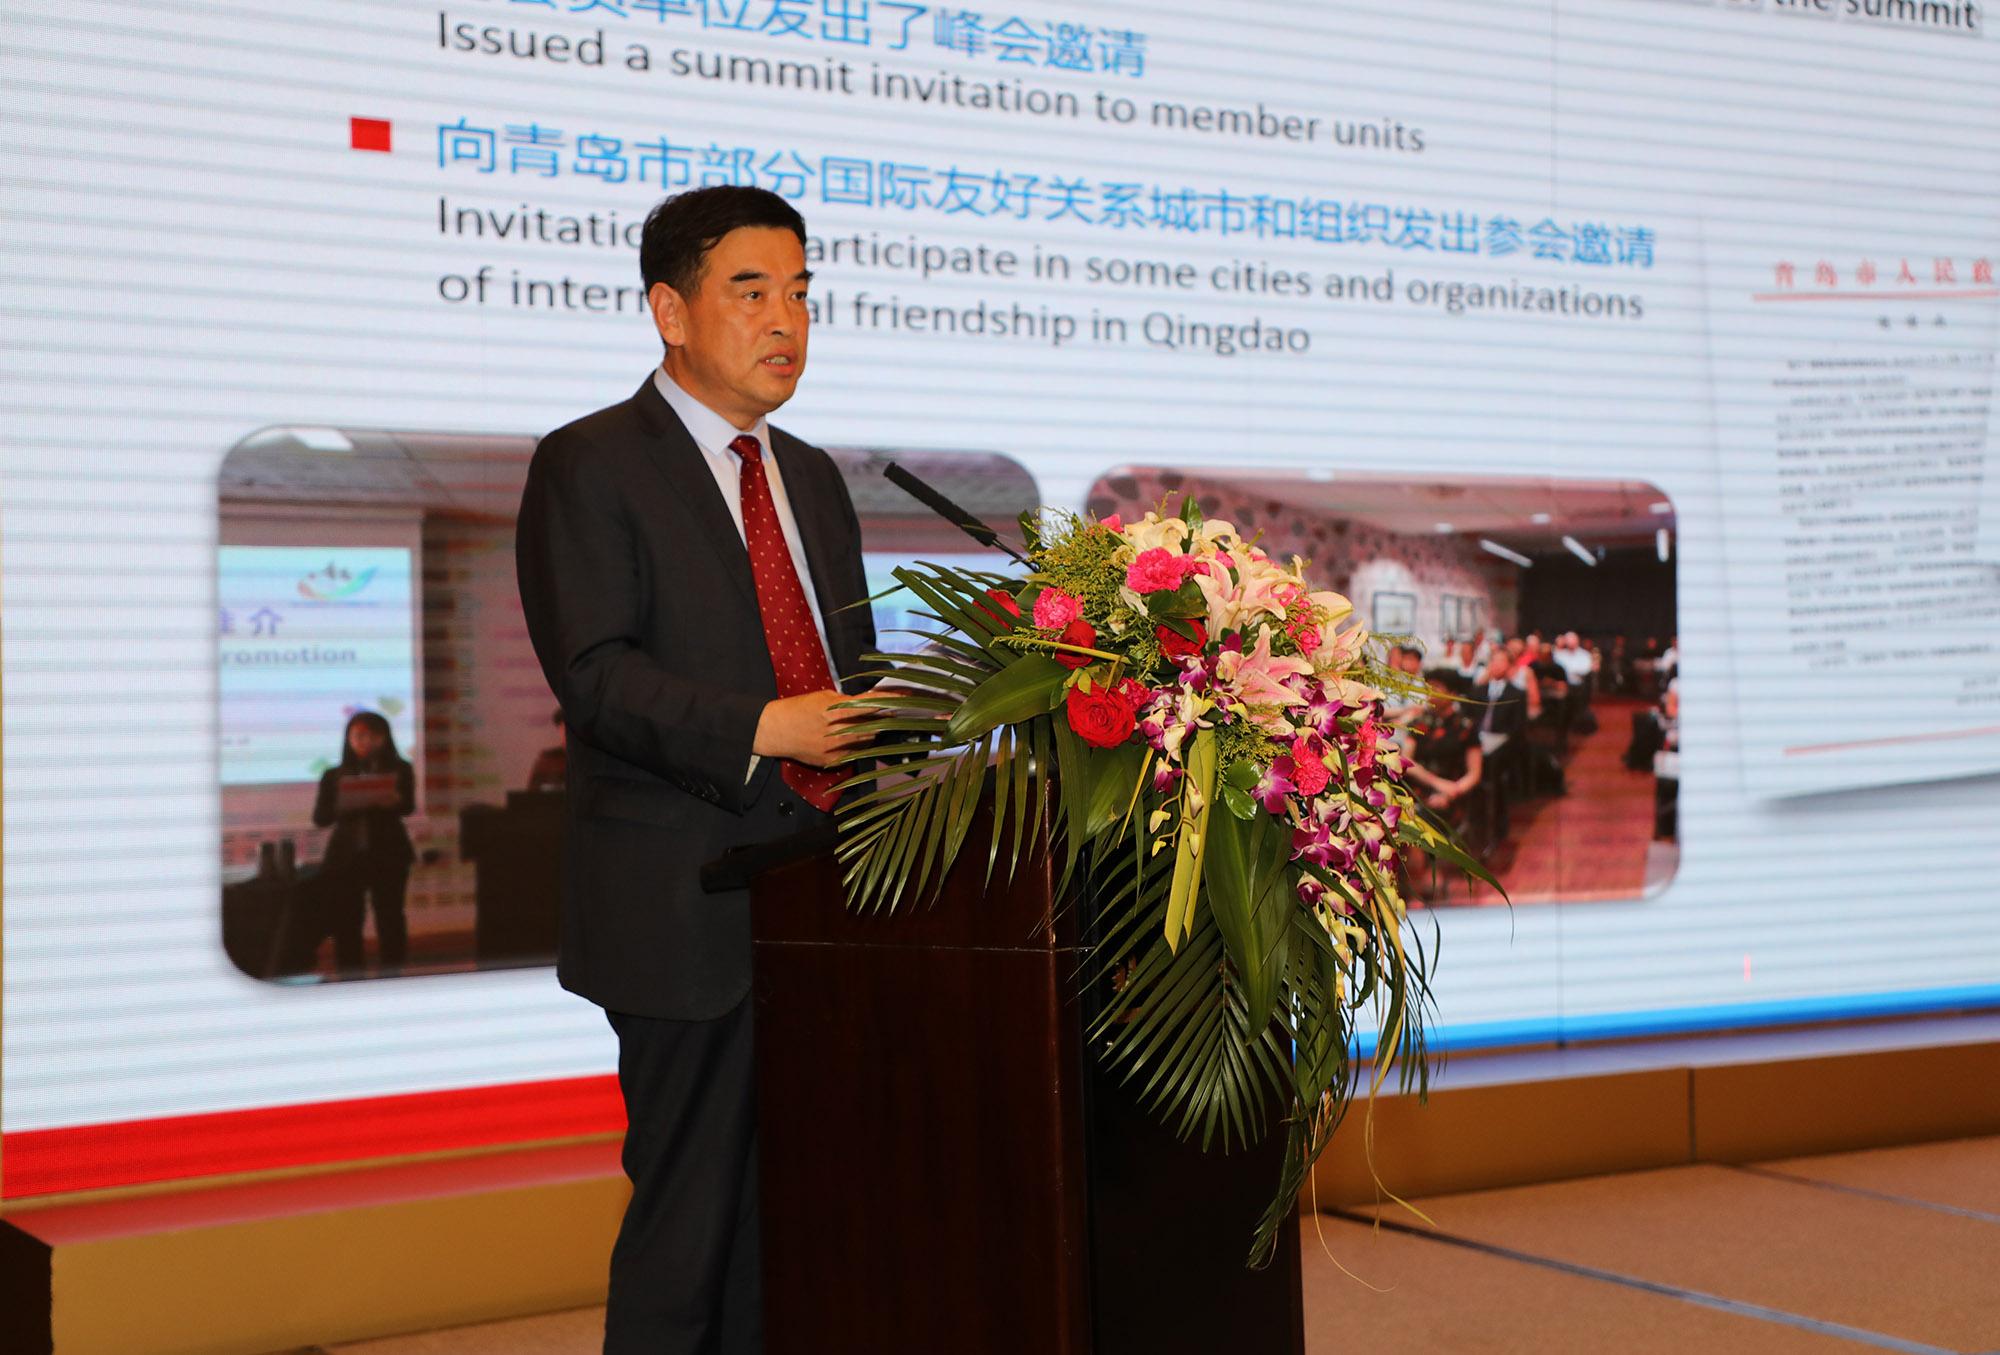 会上,青岛香山旅游峰会青岛组委会副主任,青岛市旅游发展委员会主任